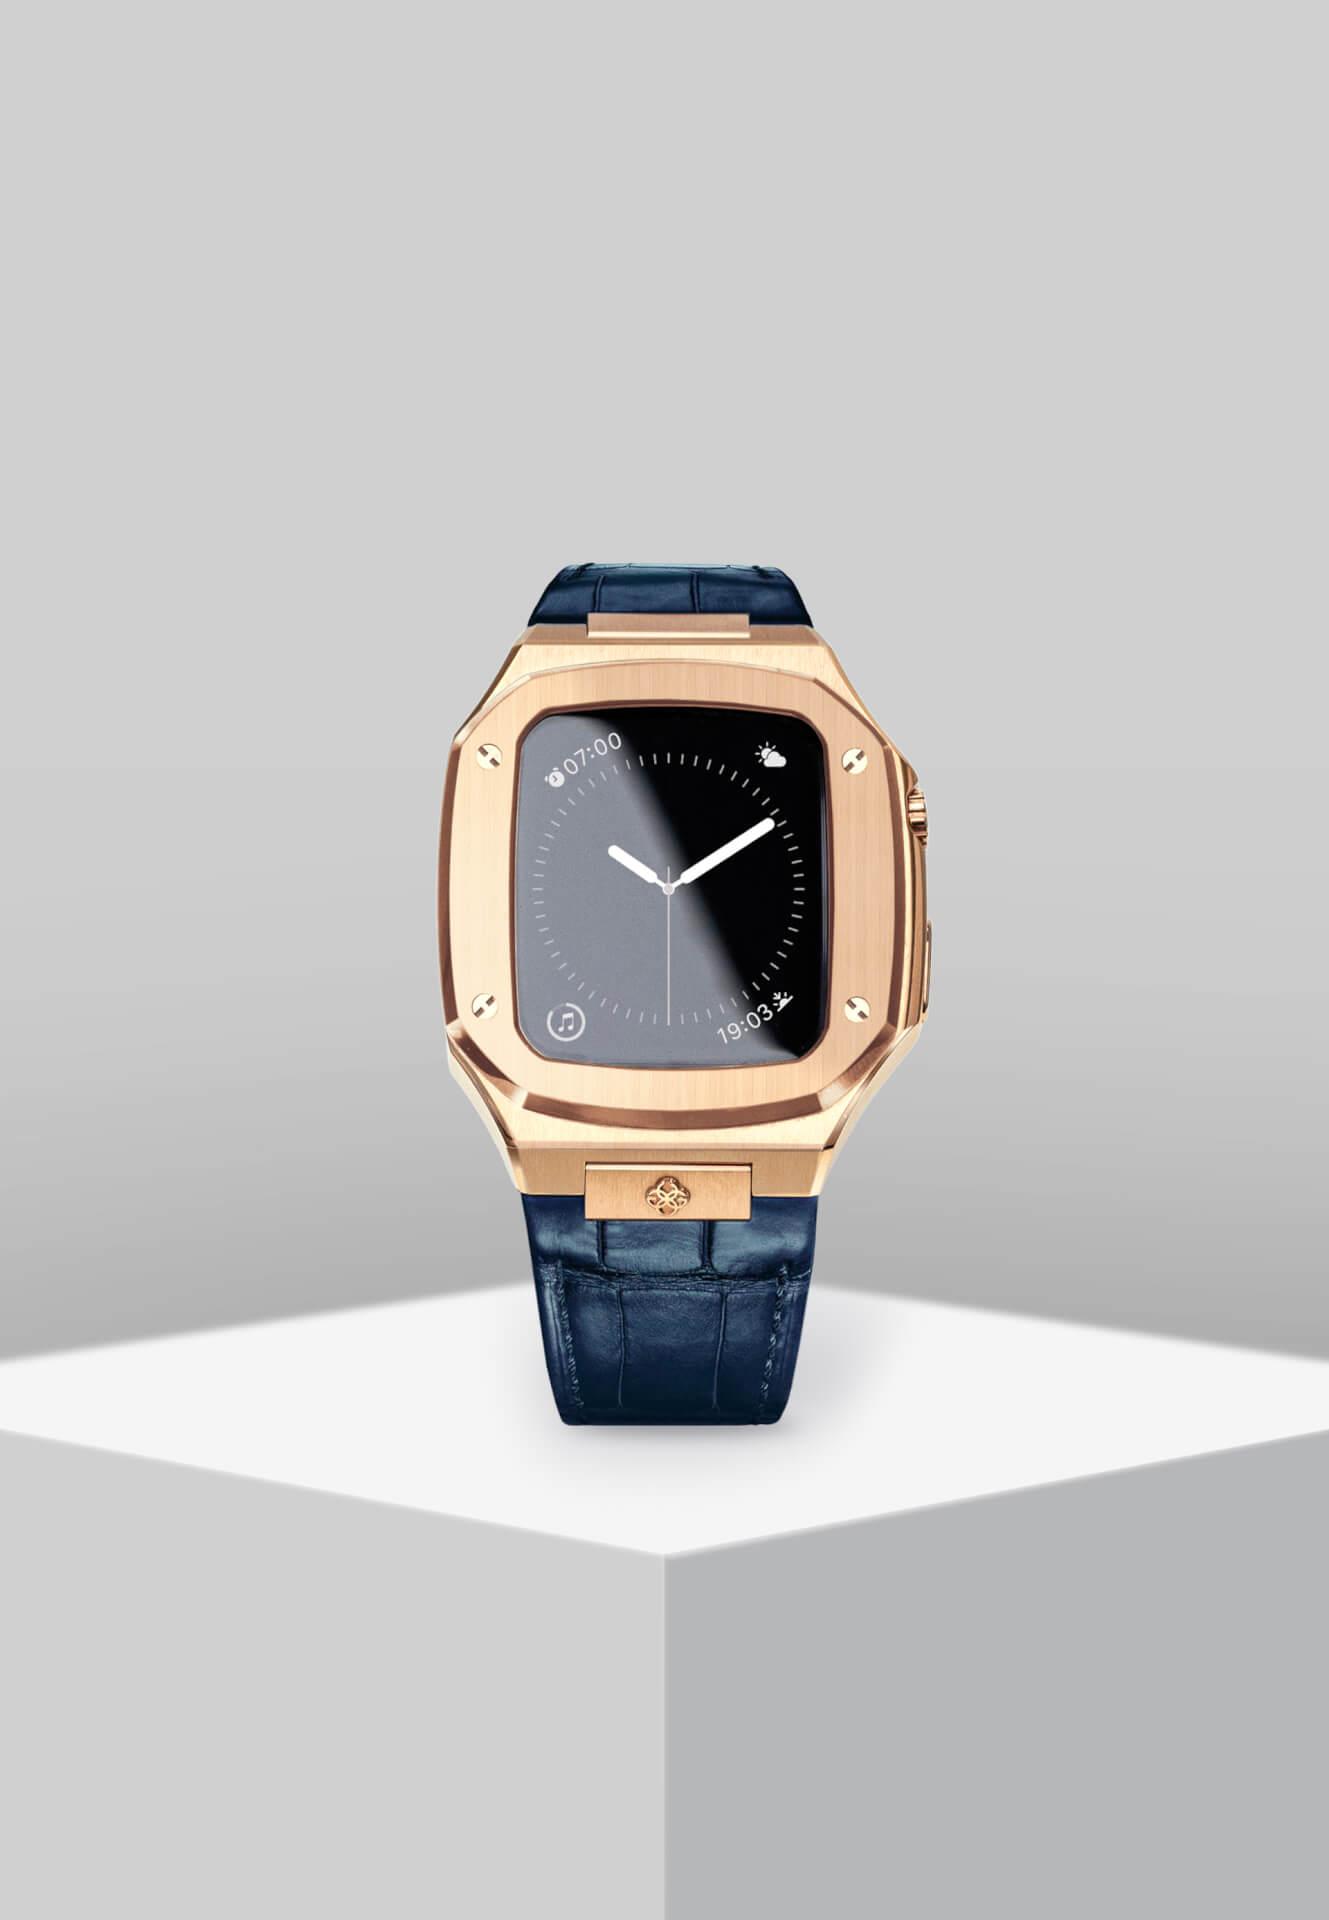 高級感漂うGOLDEN CONCEPTのApple Watchケースに待望の40mm用新コレクションが登場!ホワイト、イエローなどの新カラーがラインナップ tech201124_applewatch_case_10